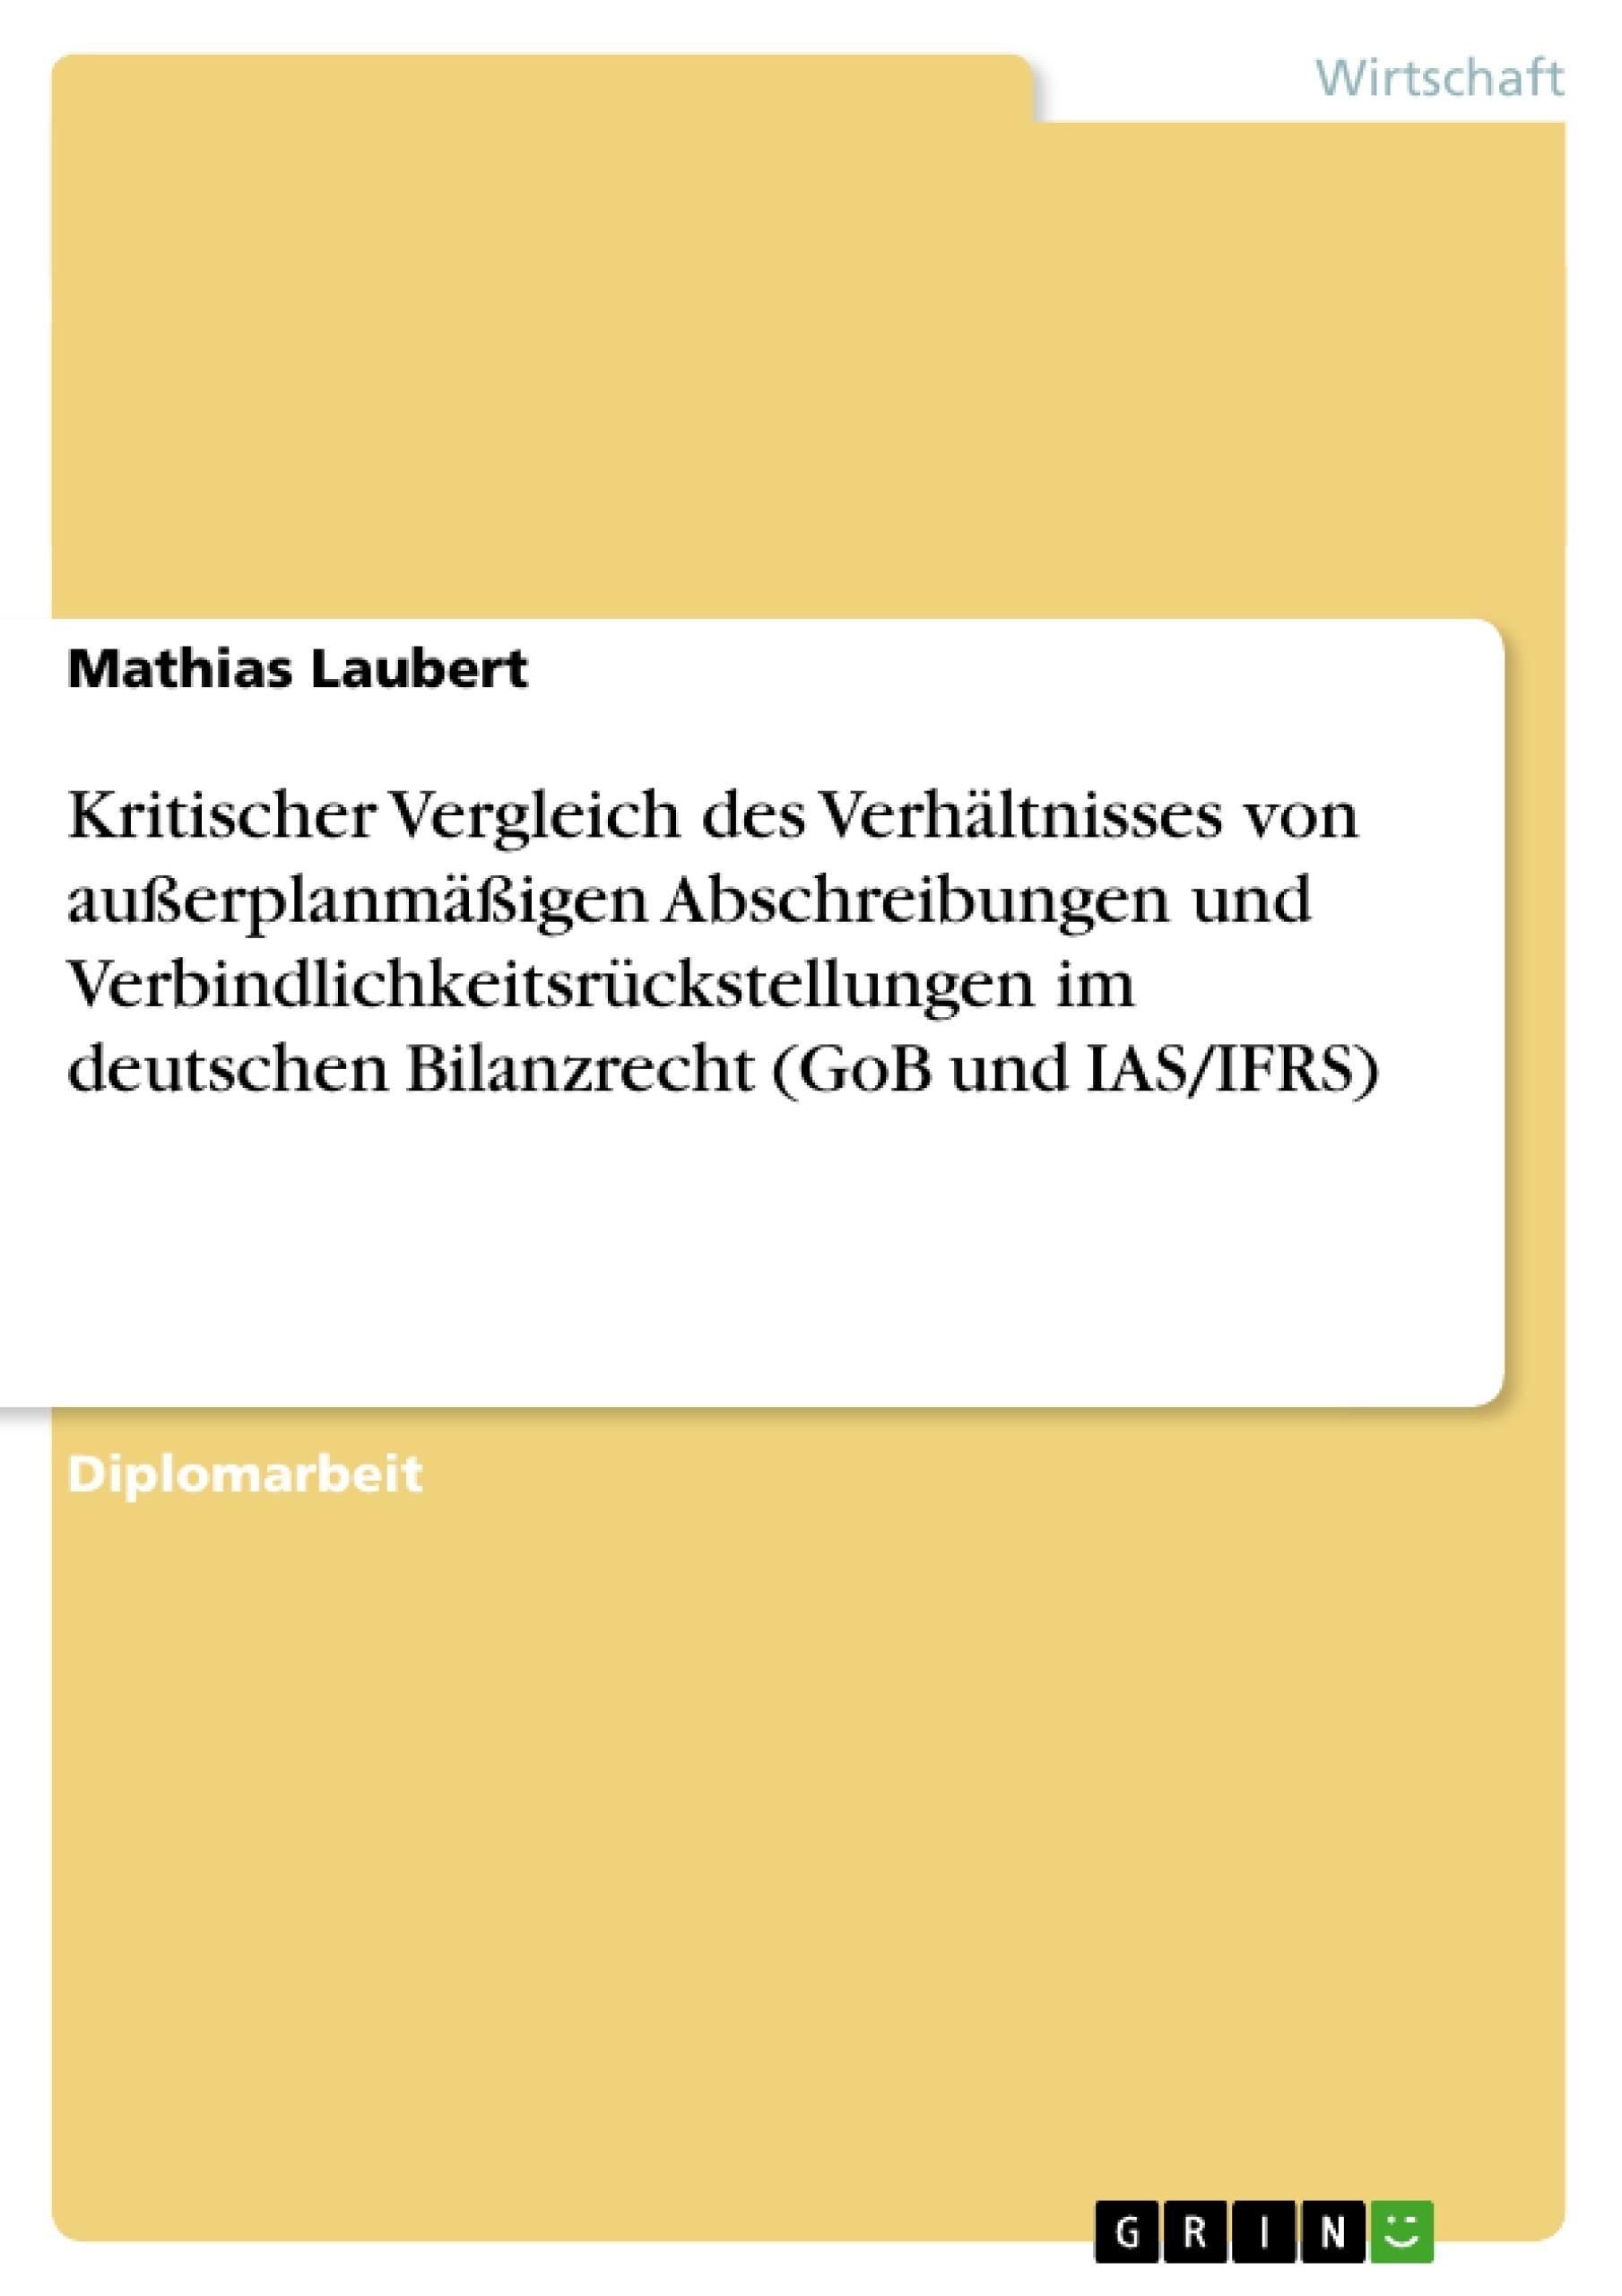 Titel: Kritischer Vergleich des Verhältnisses von außerplanmäßigen Abschreibungen und Verbindlichkeitsrückstellungen im deutschen Bilanzrecht (GoB und IAS/IFRS)